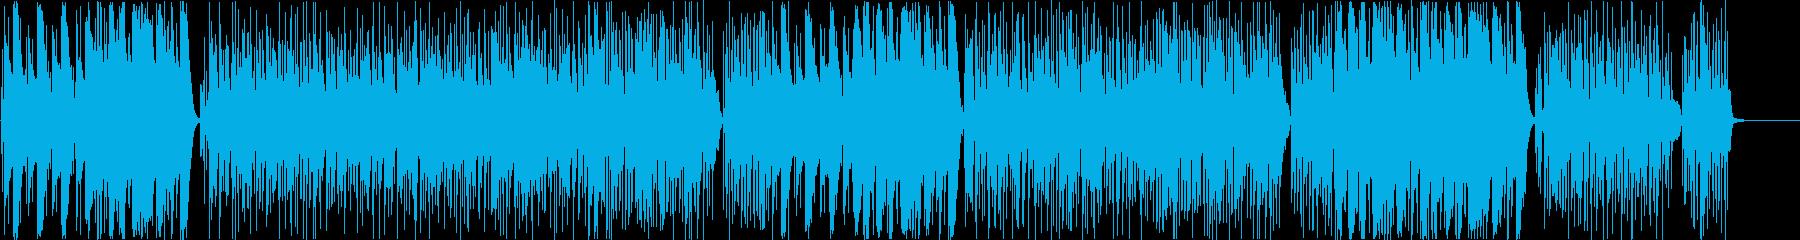 Hannonの再生済みの波形